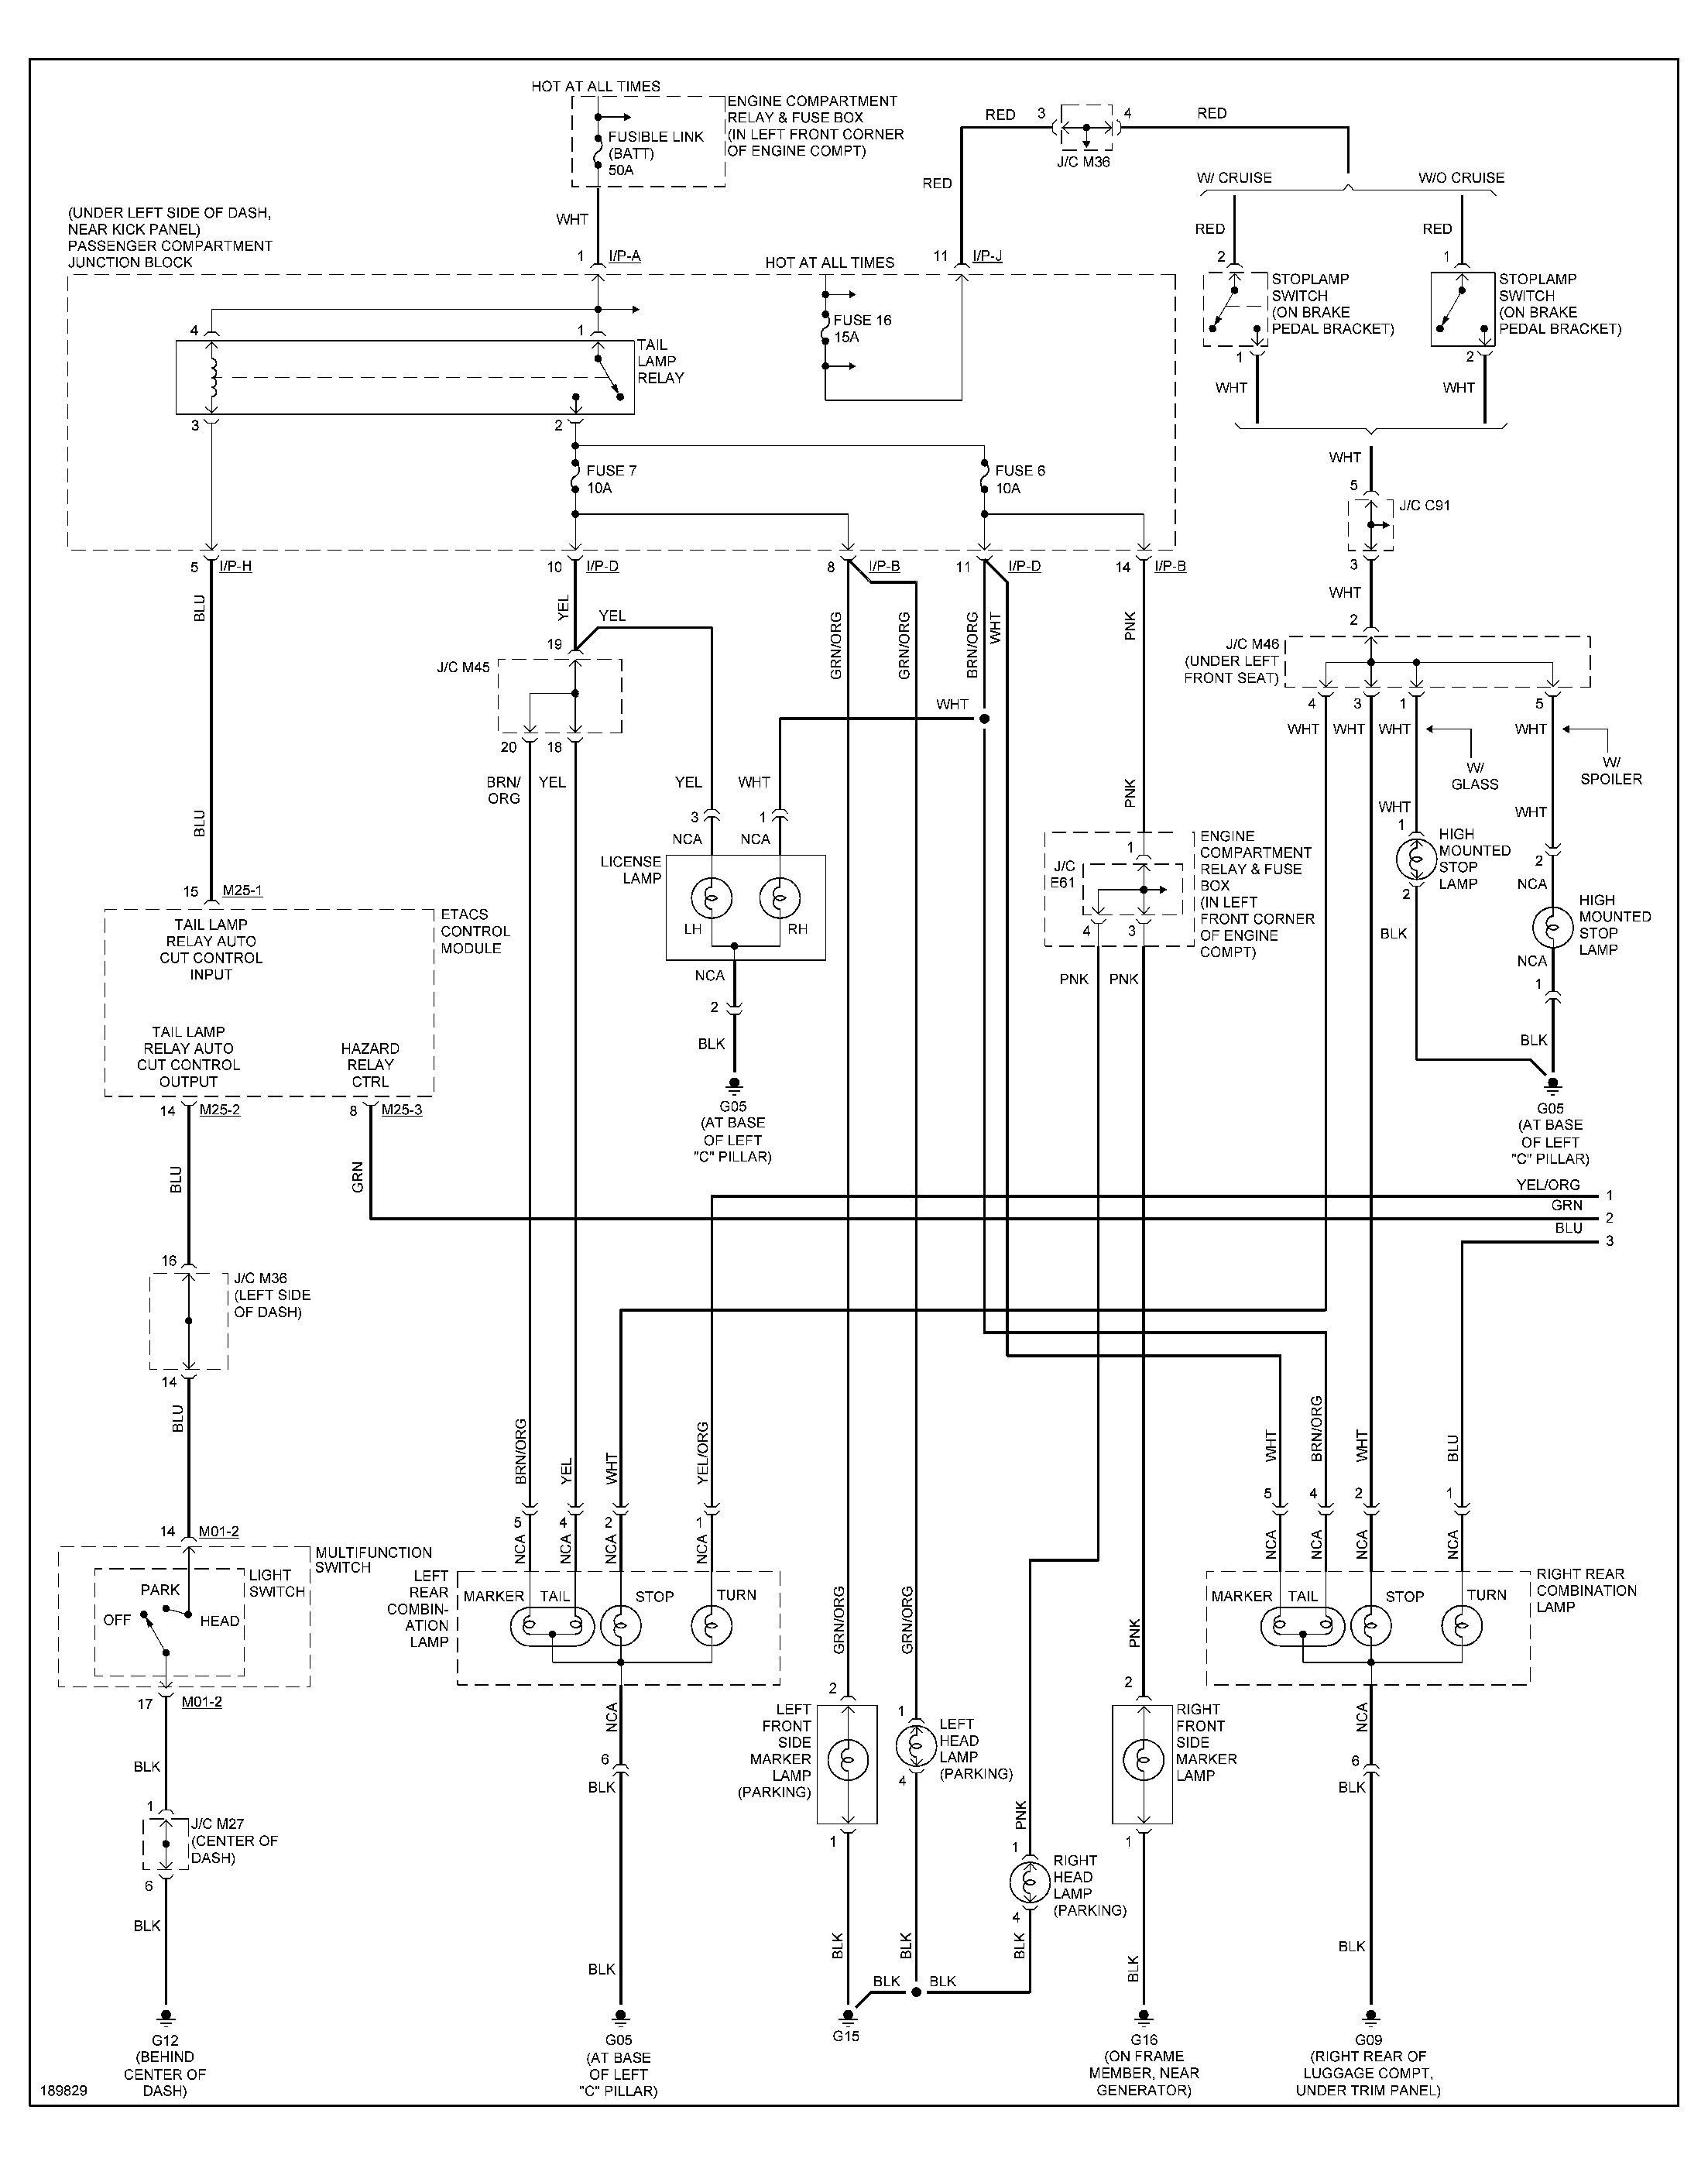 Metra 70-5520 Wiring Diagram Awesome   Wiring Diagram Image For - Metra 70-5520 Wiring Diagram